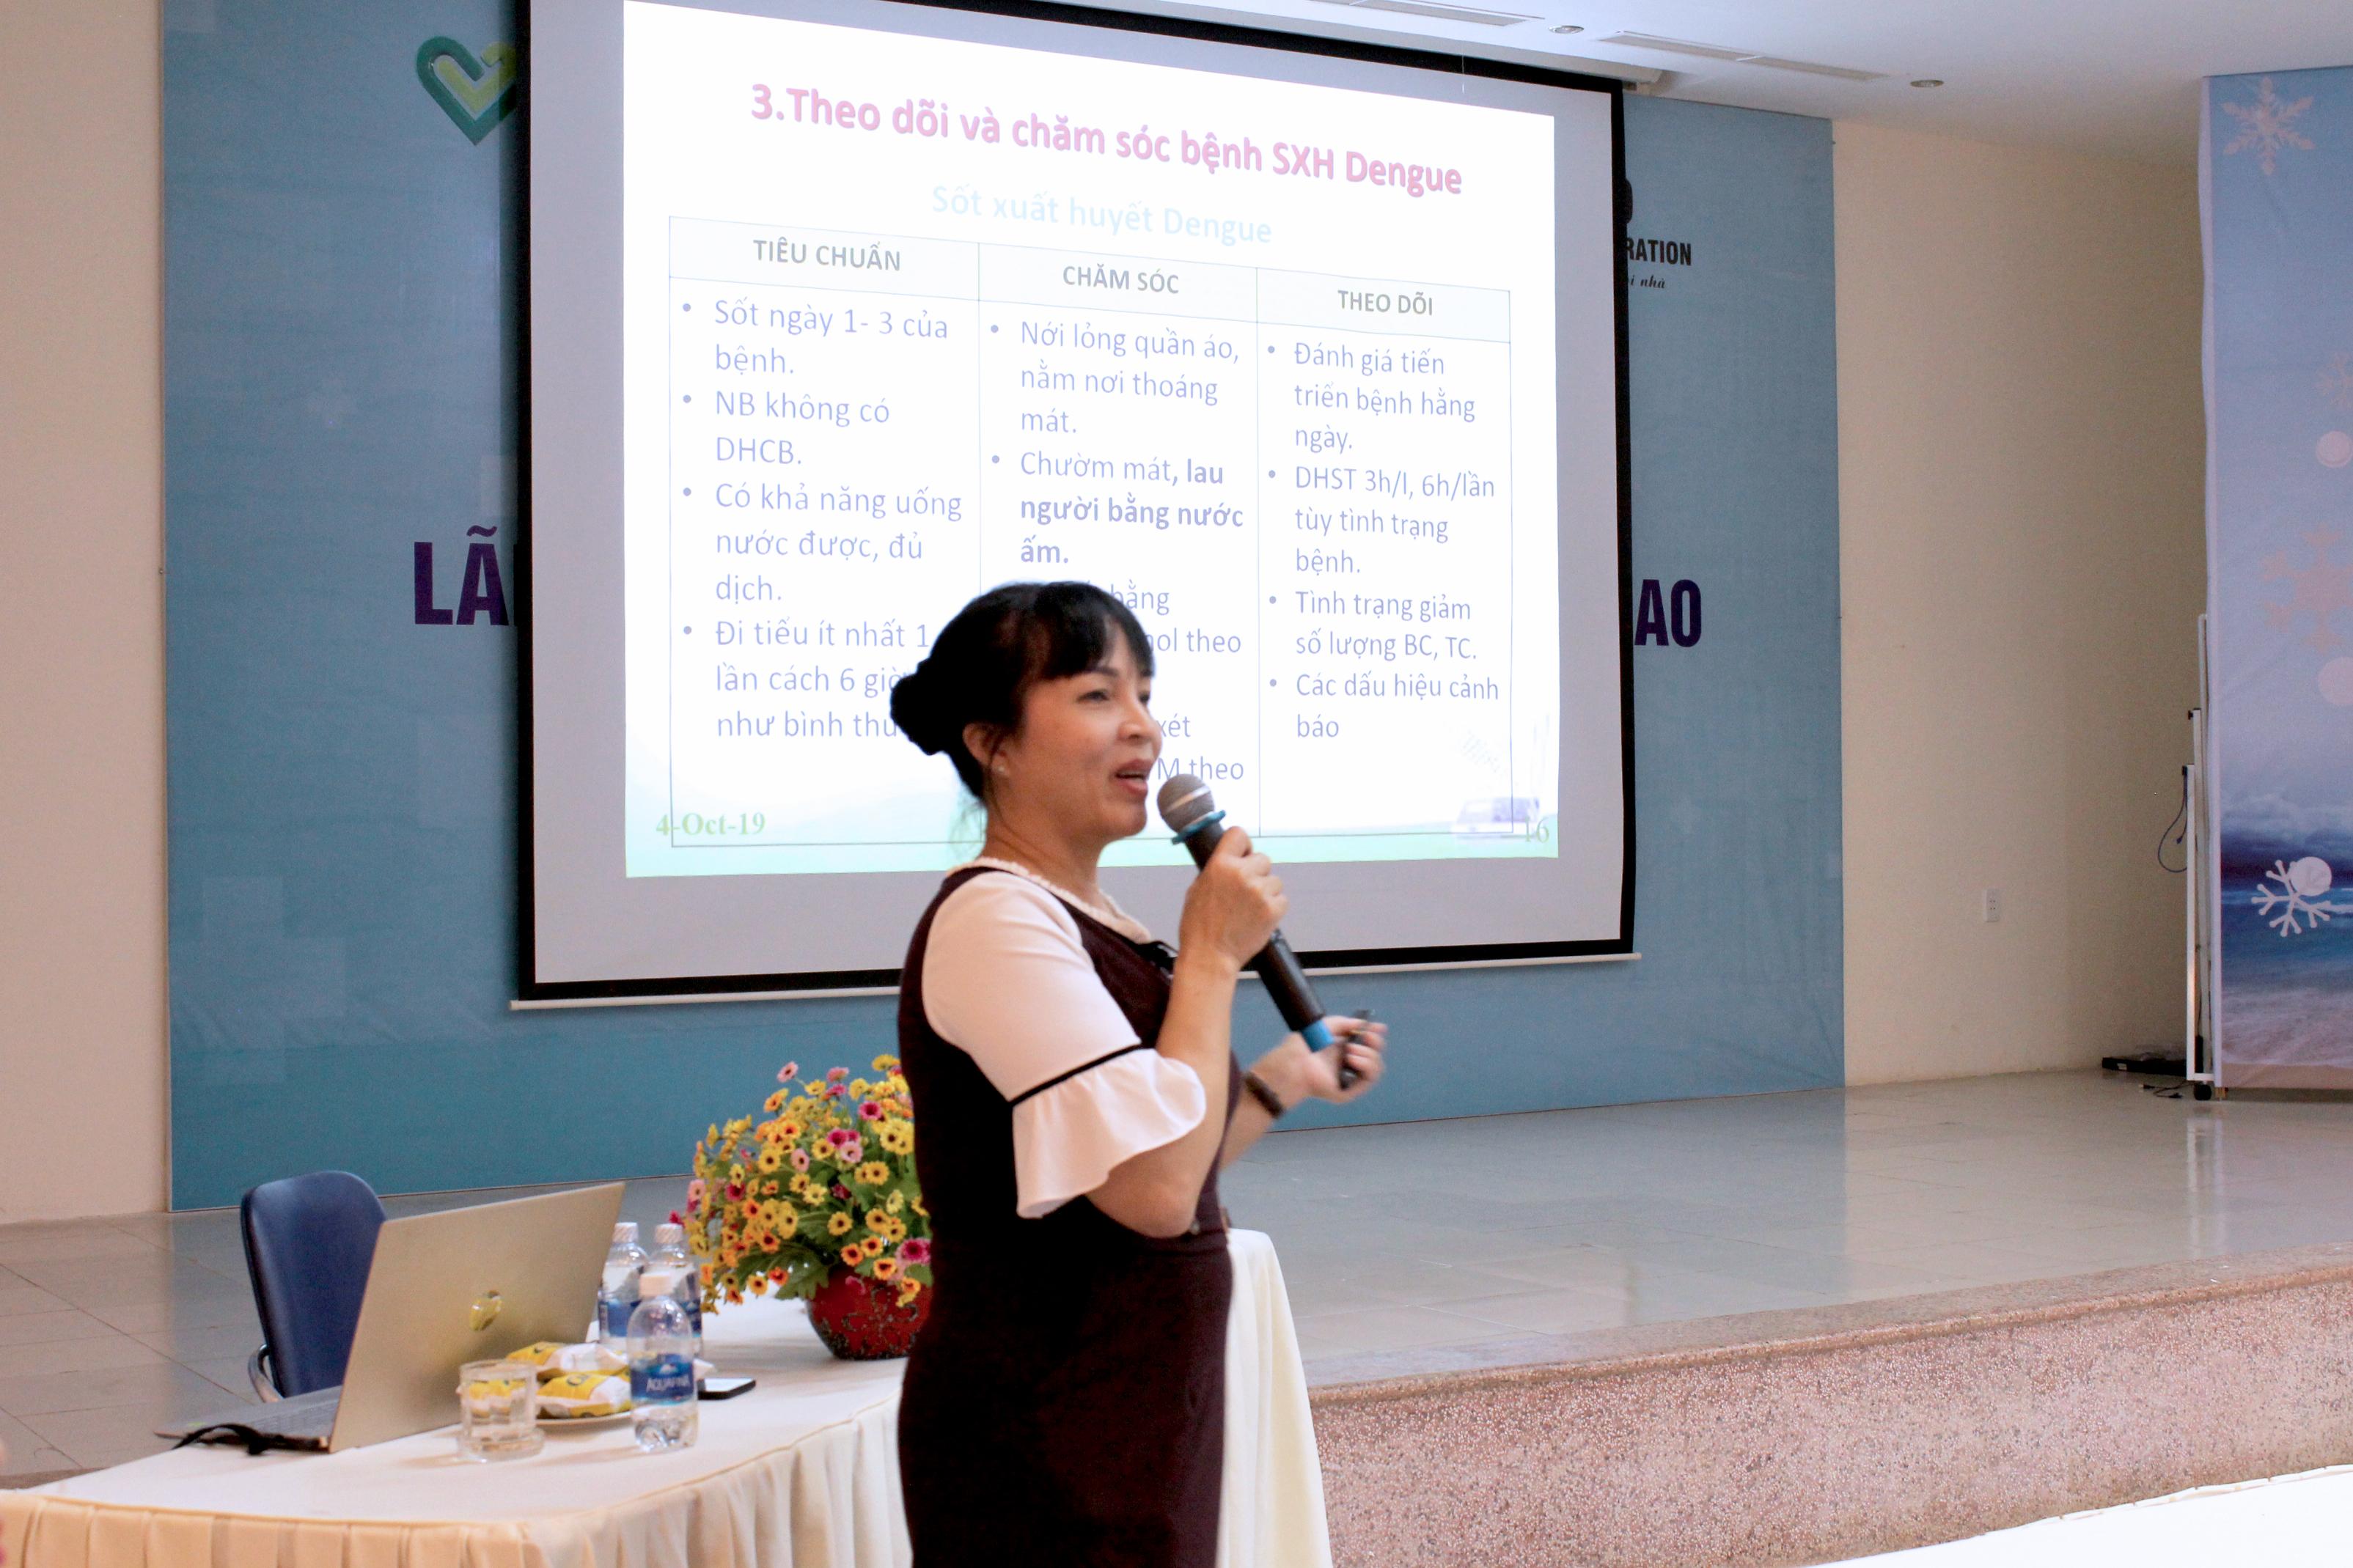 Hướng Dẫn Chăm Sóc Bệnh Nhân Sốt Xuất Huyết Dengue